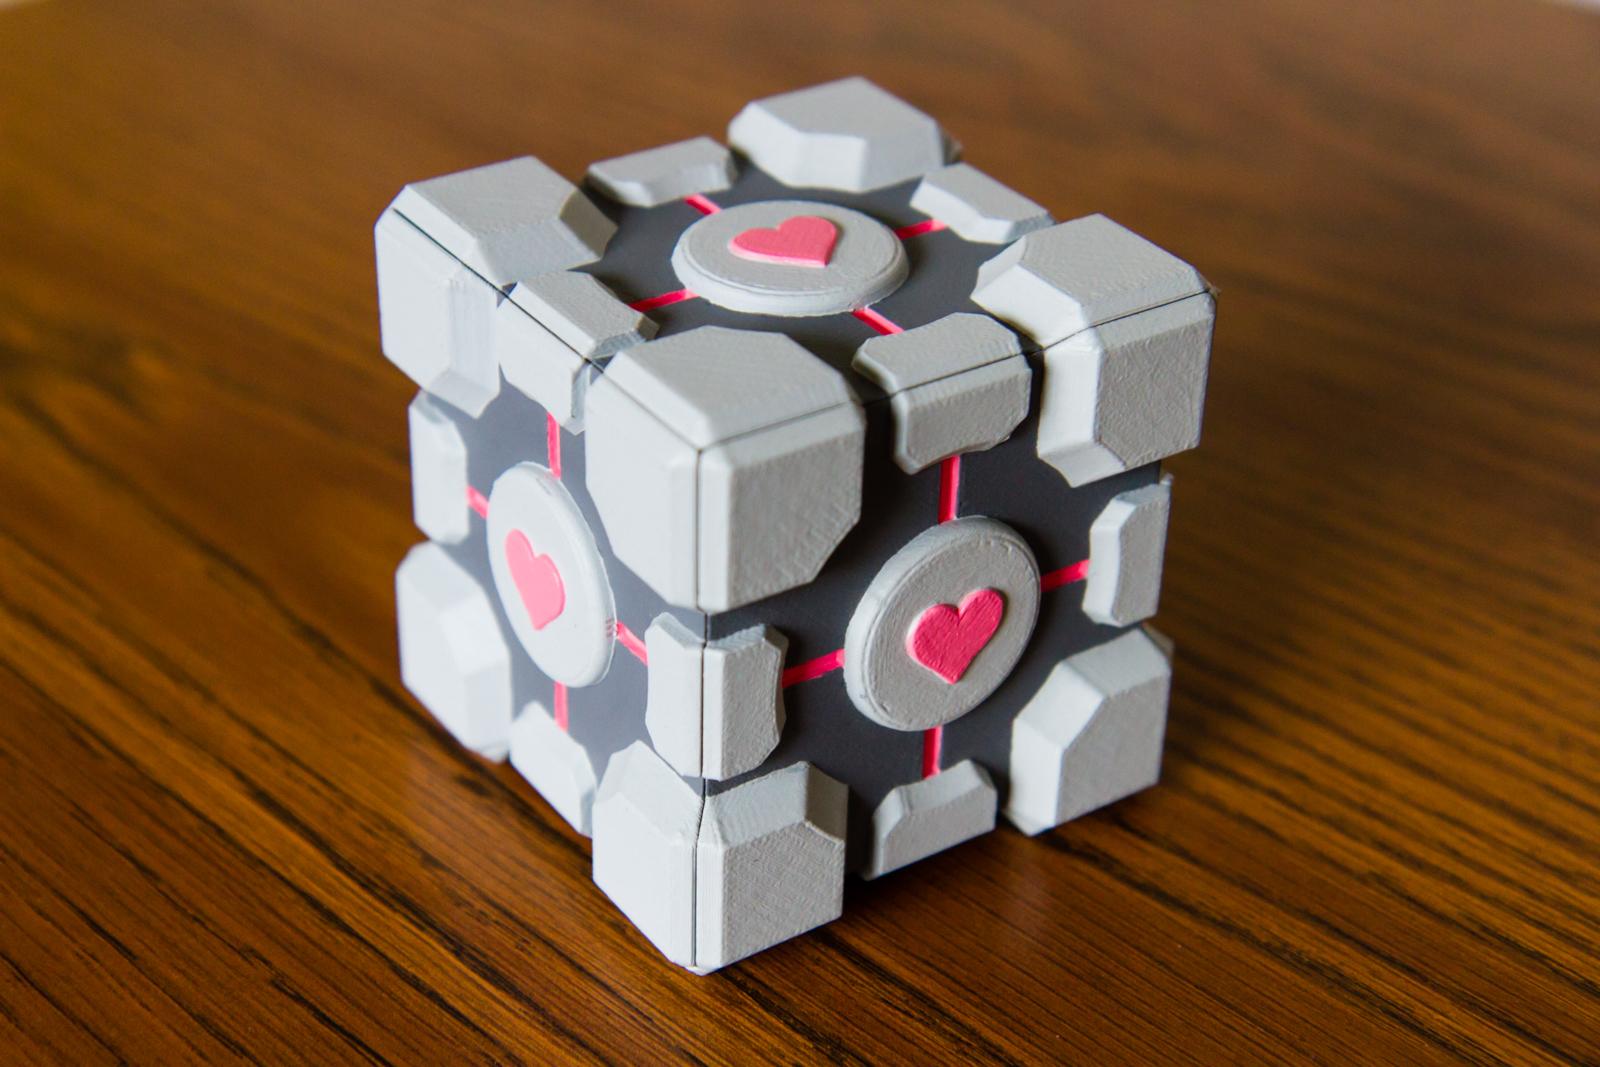 Paint And Primer >> 3D Printed Portal Companion Cube   0x7D.com